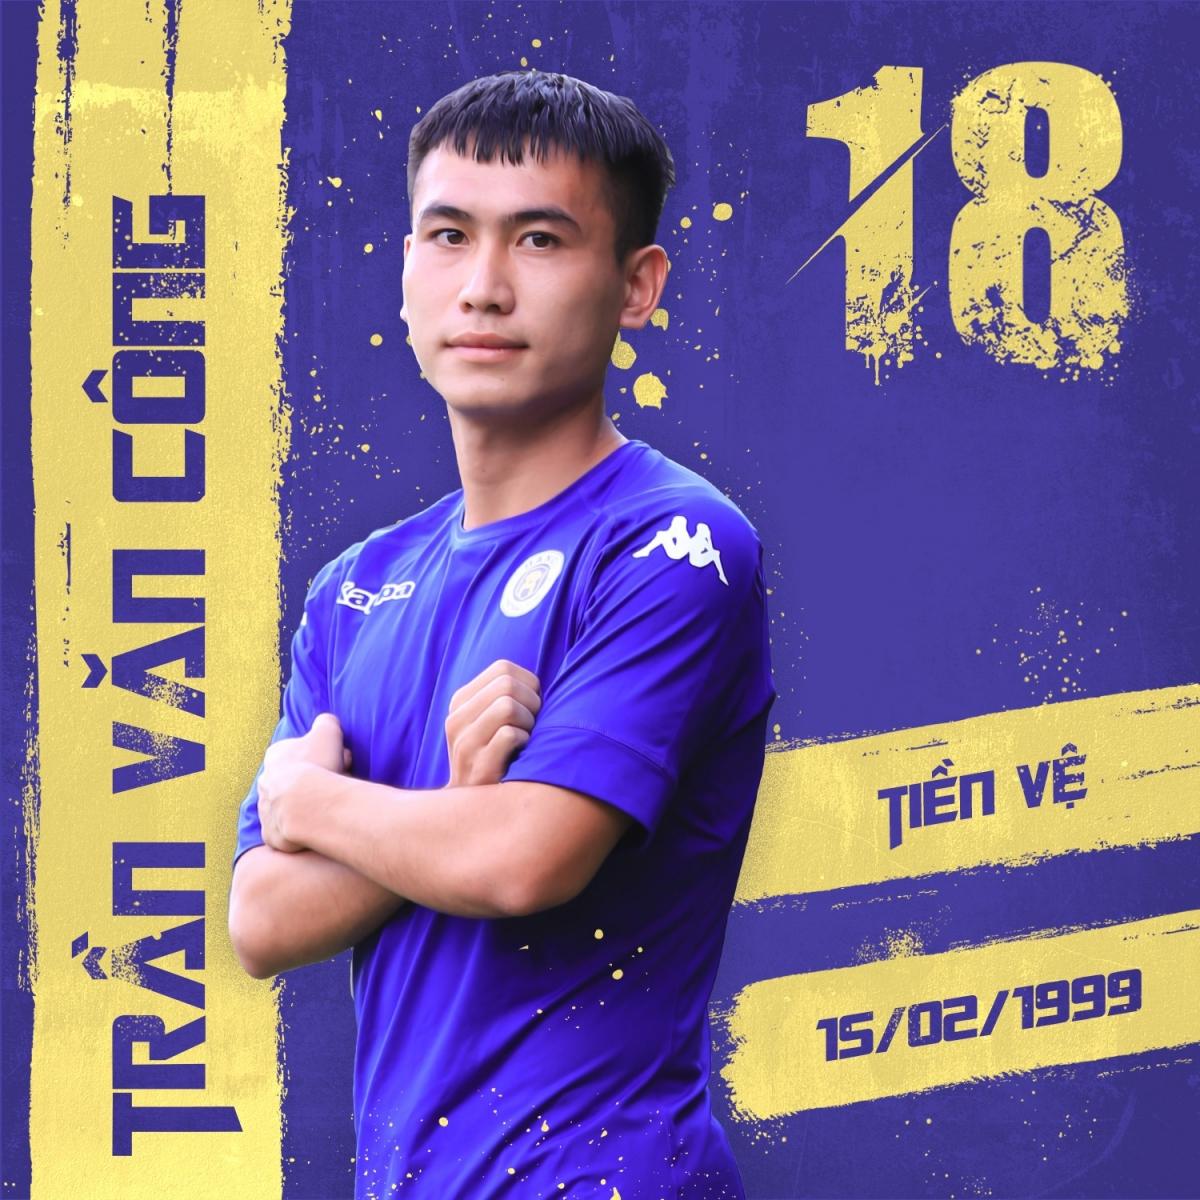 Tiền vệ: Trần Văn Công